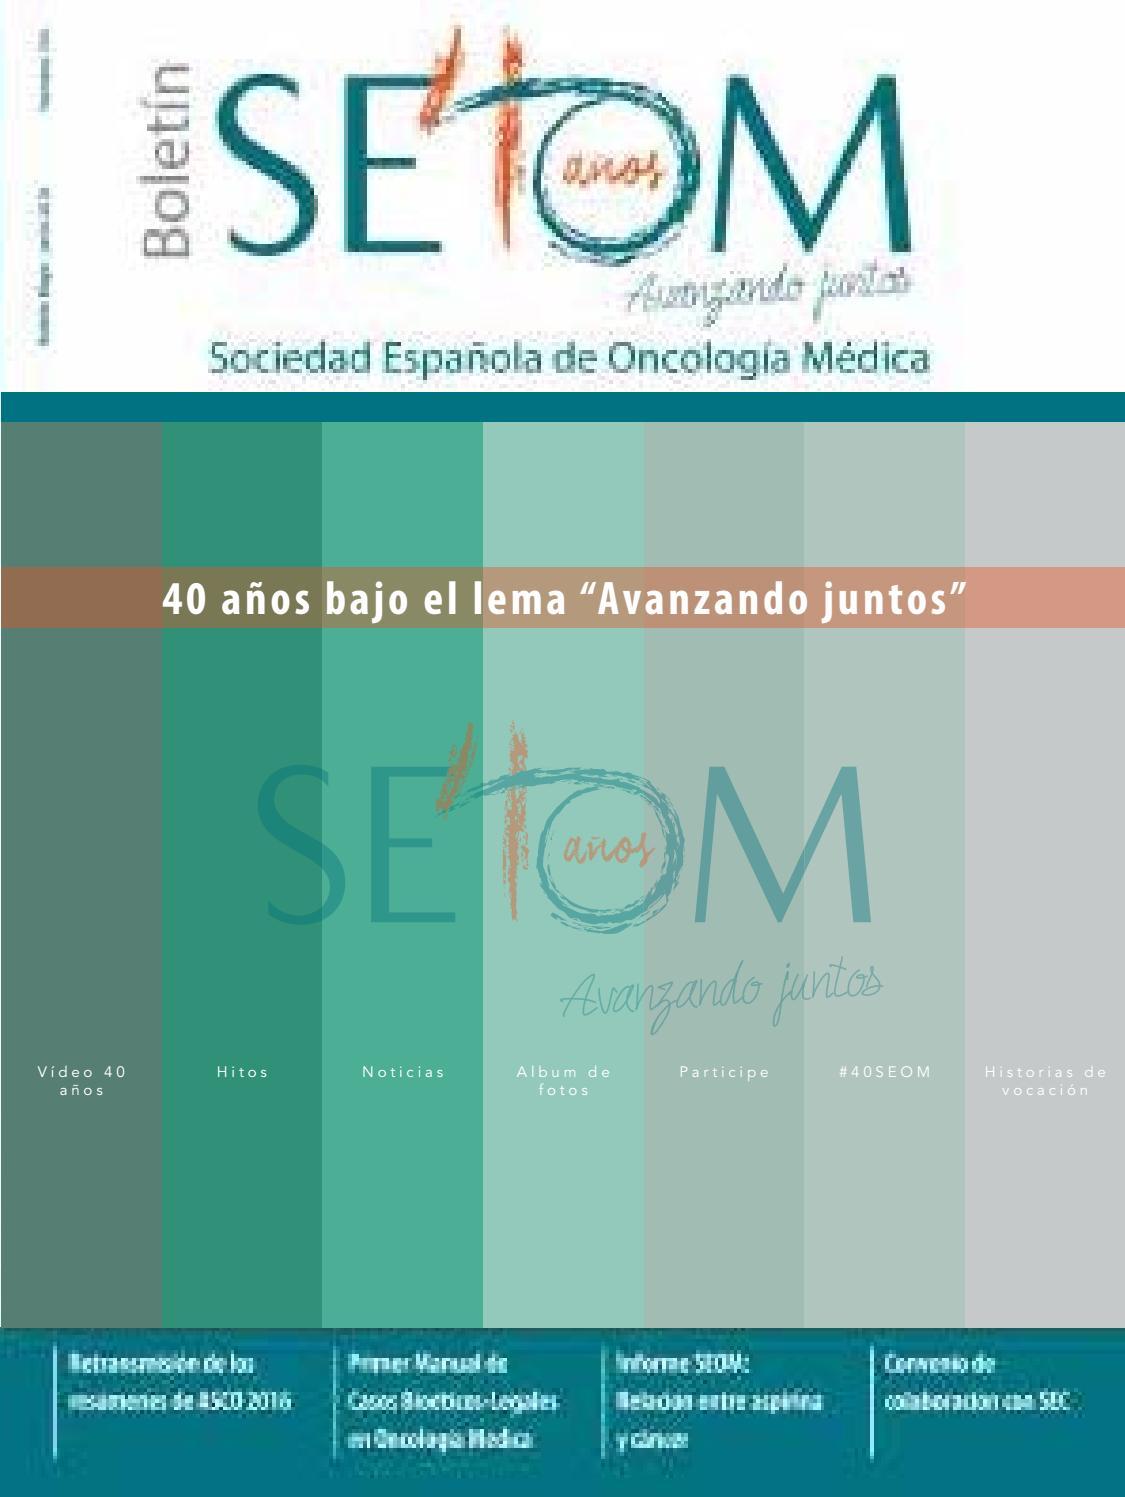 pautas de cáncer de próstata g2 español